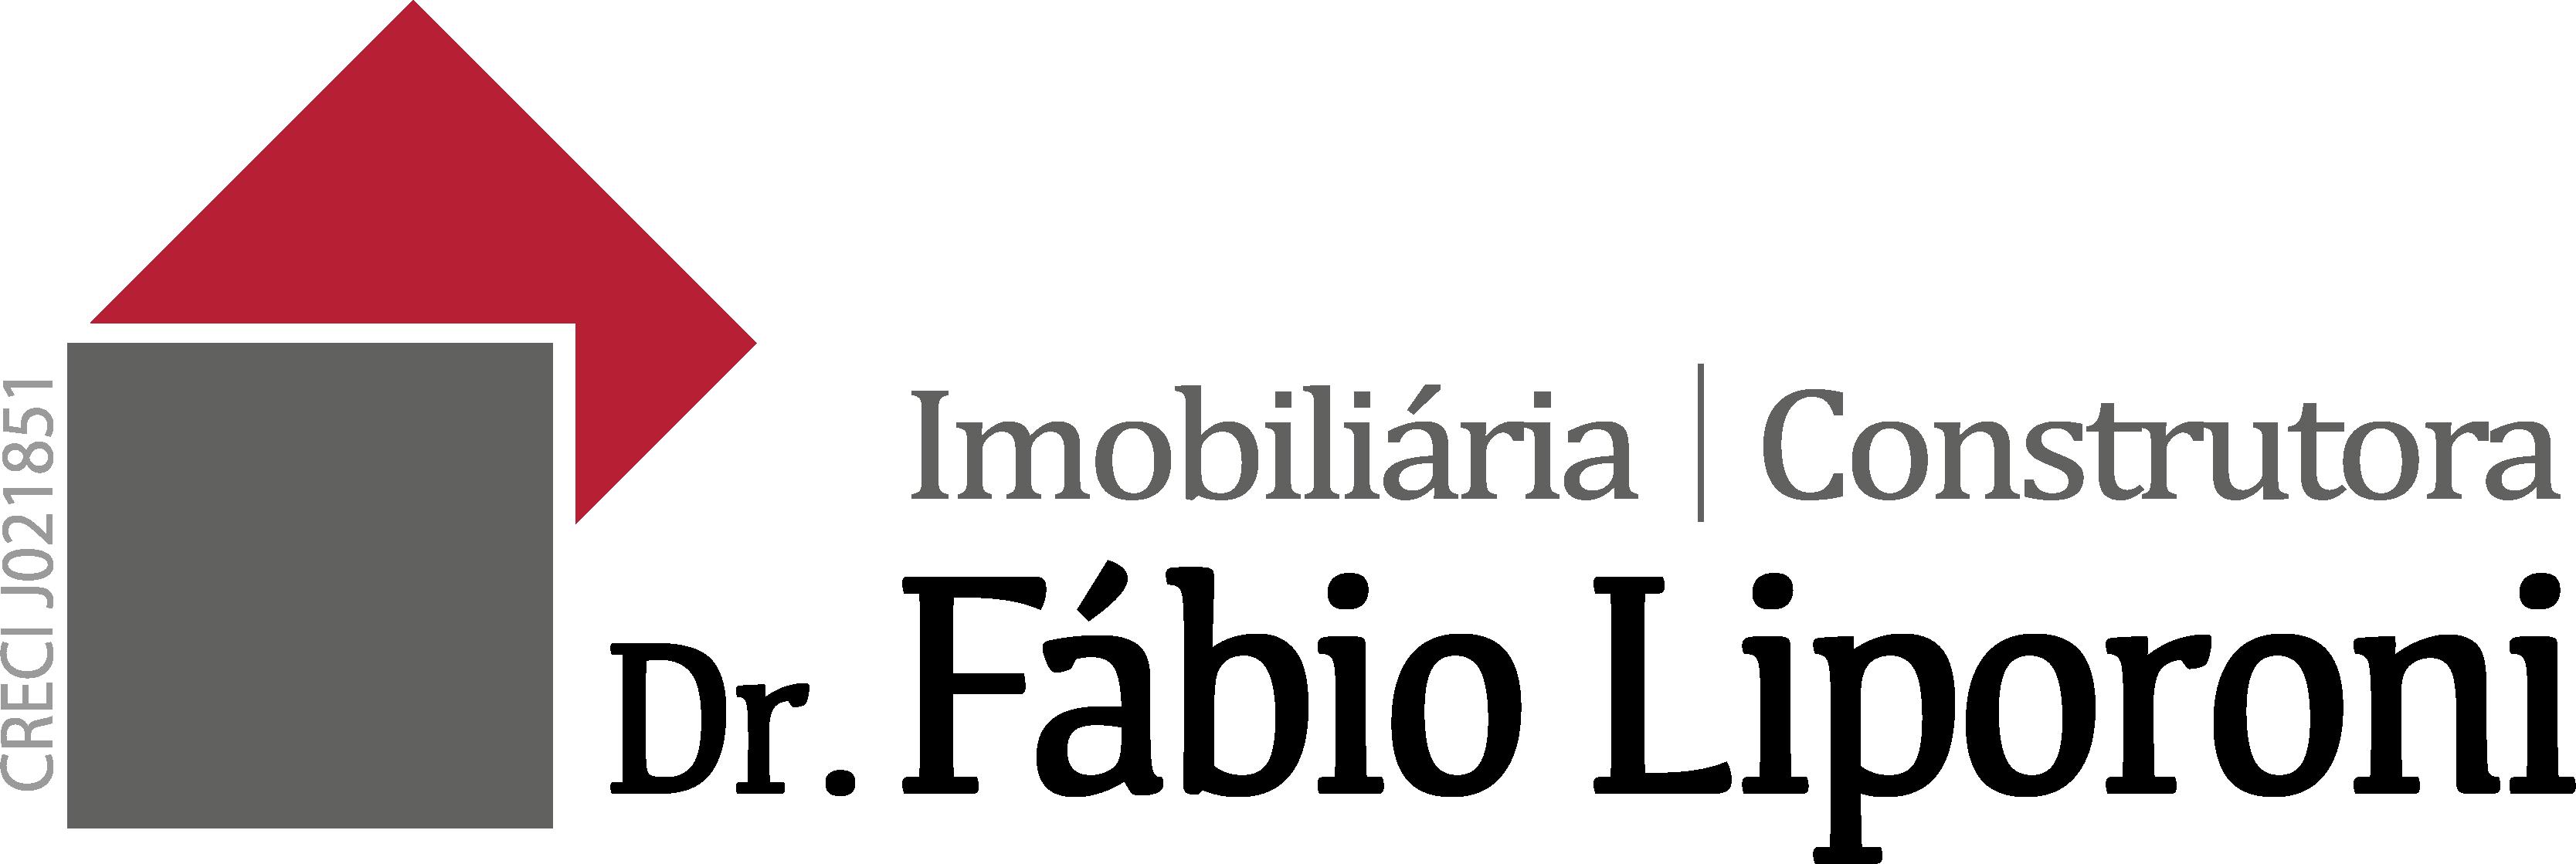 (c) Imobiliariafabioliporoni.com.br